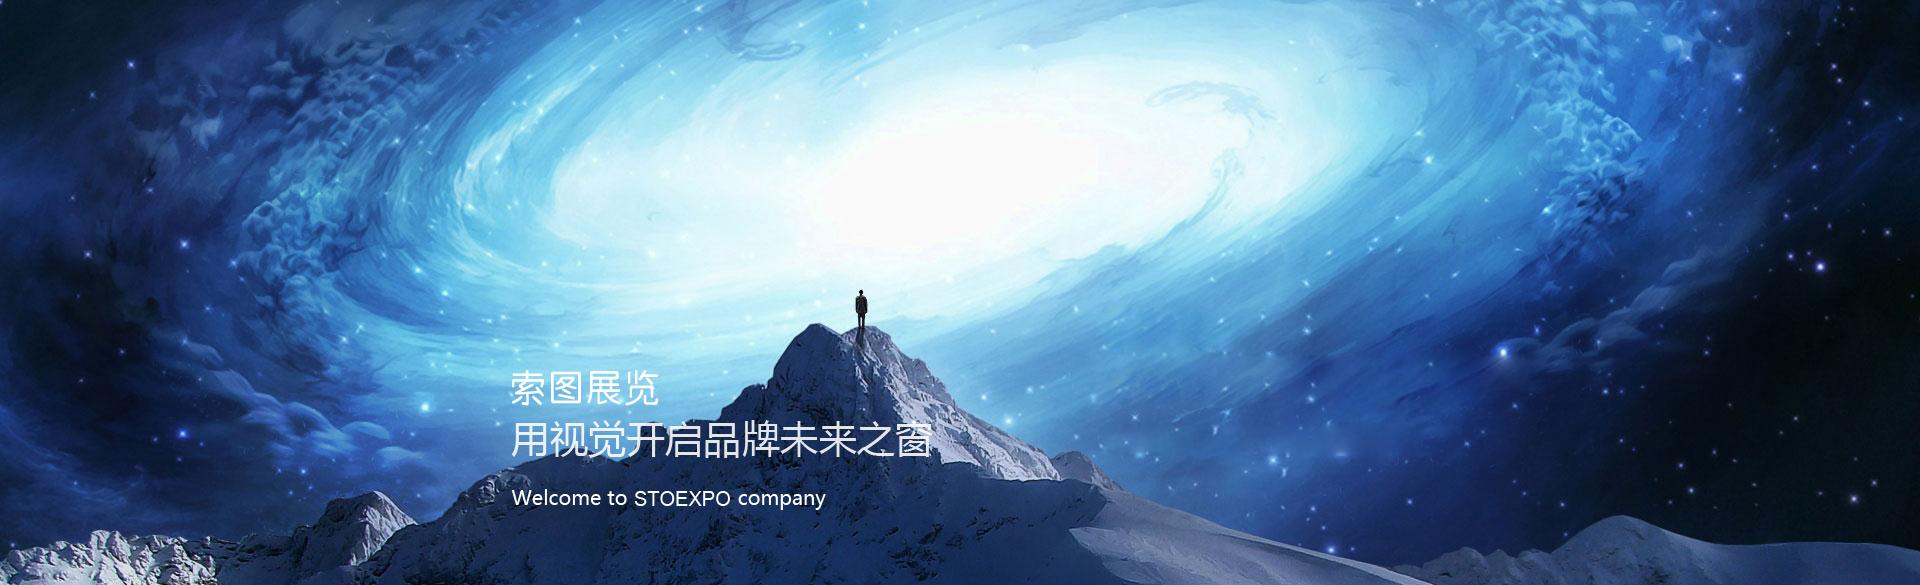 索图展览,上海展台设计搭建公司|上海五星体育在线高清直播公司|南京展览公司|上海展会公司,上海展览展位设计公司|国内知名专业老牌五星体育在线高清直播公司